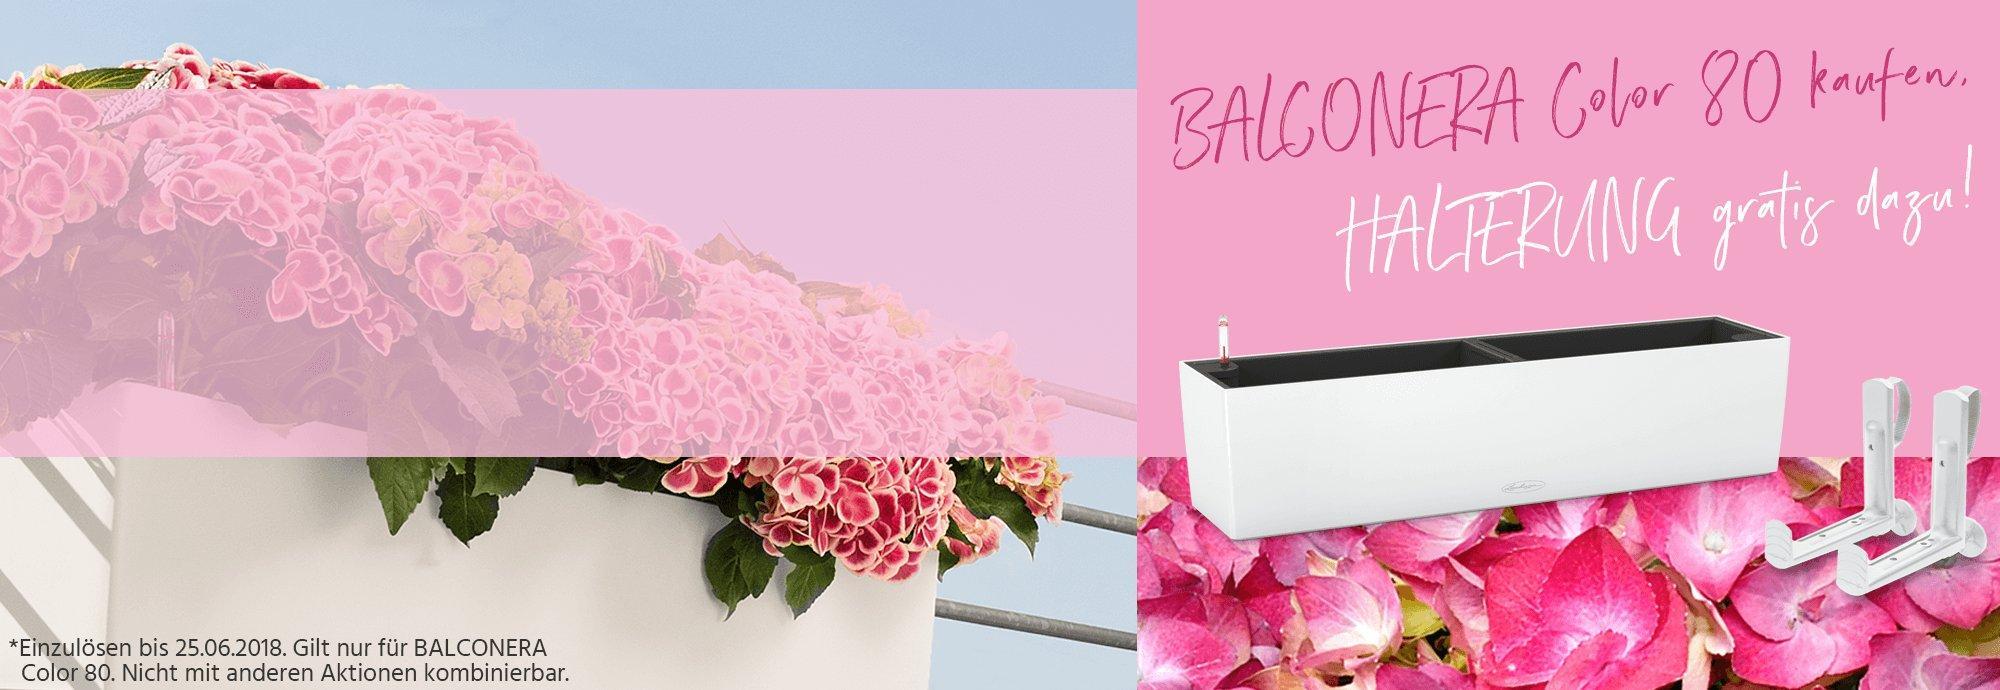 hero_banner_aktion_balconera-all-inclusive